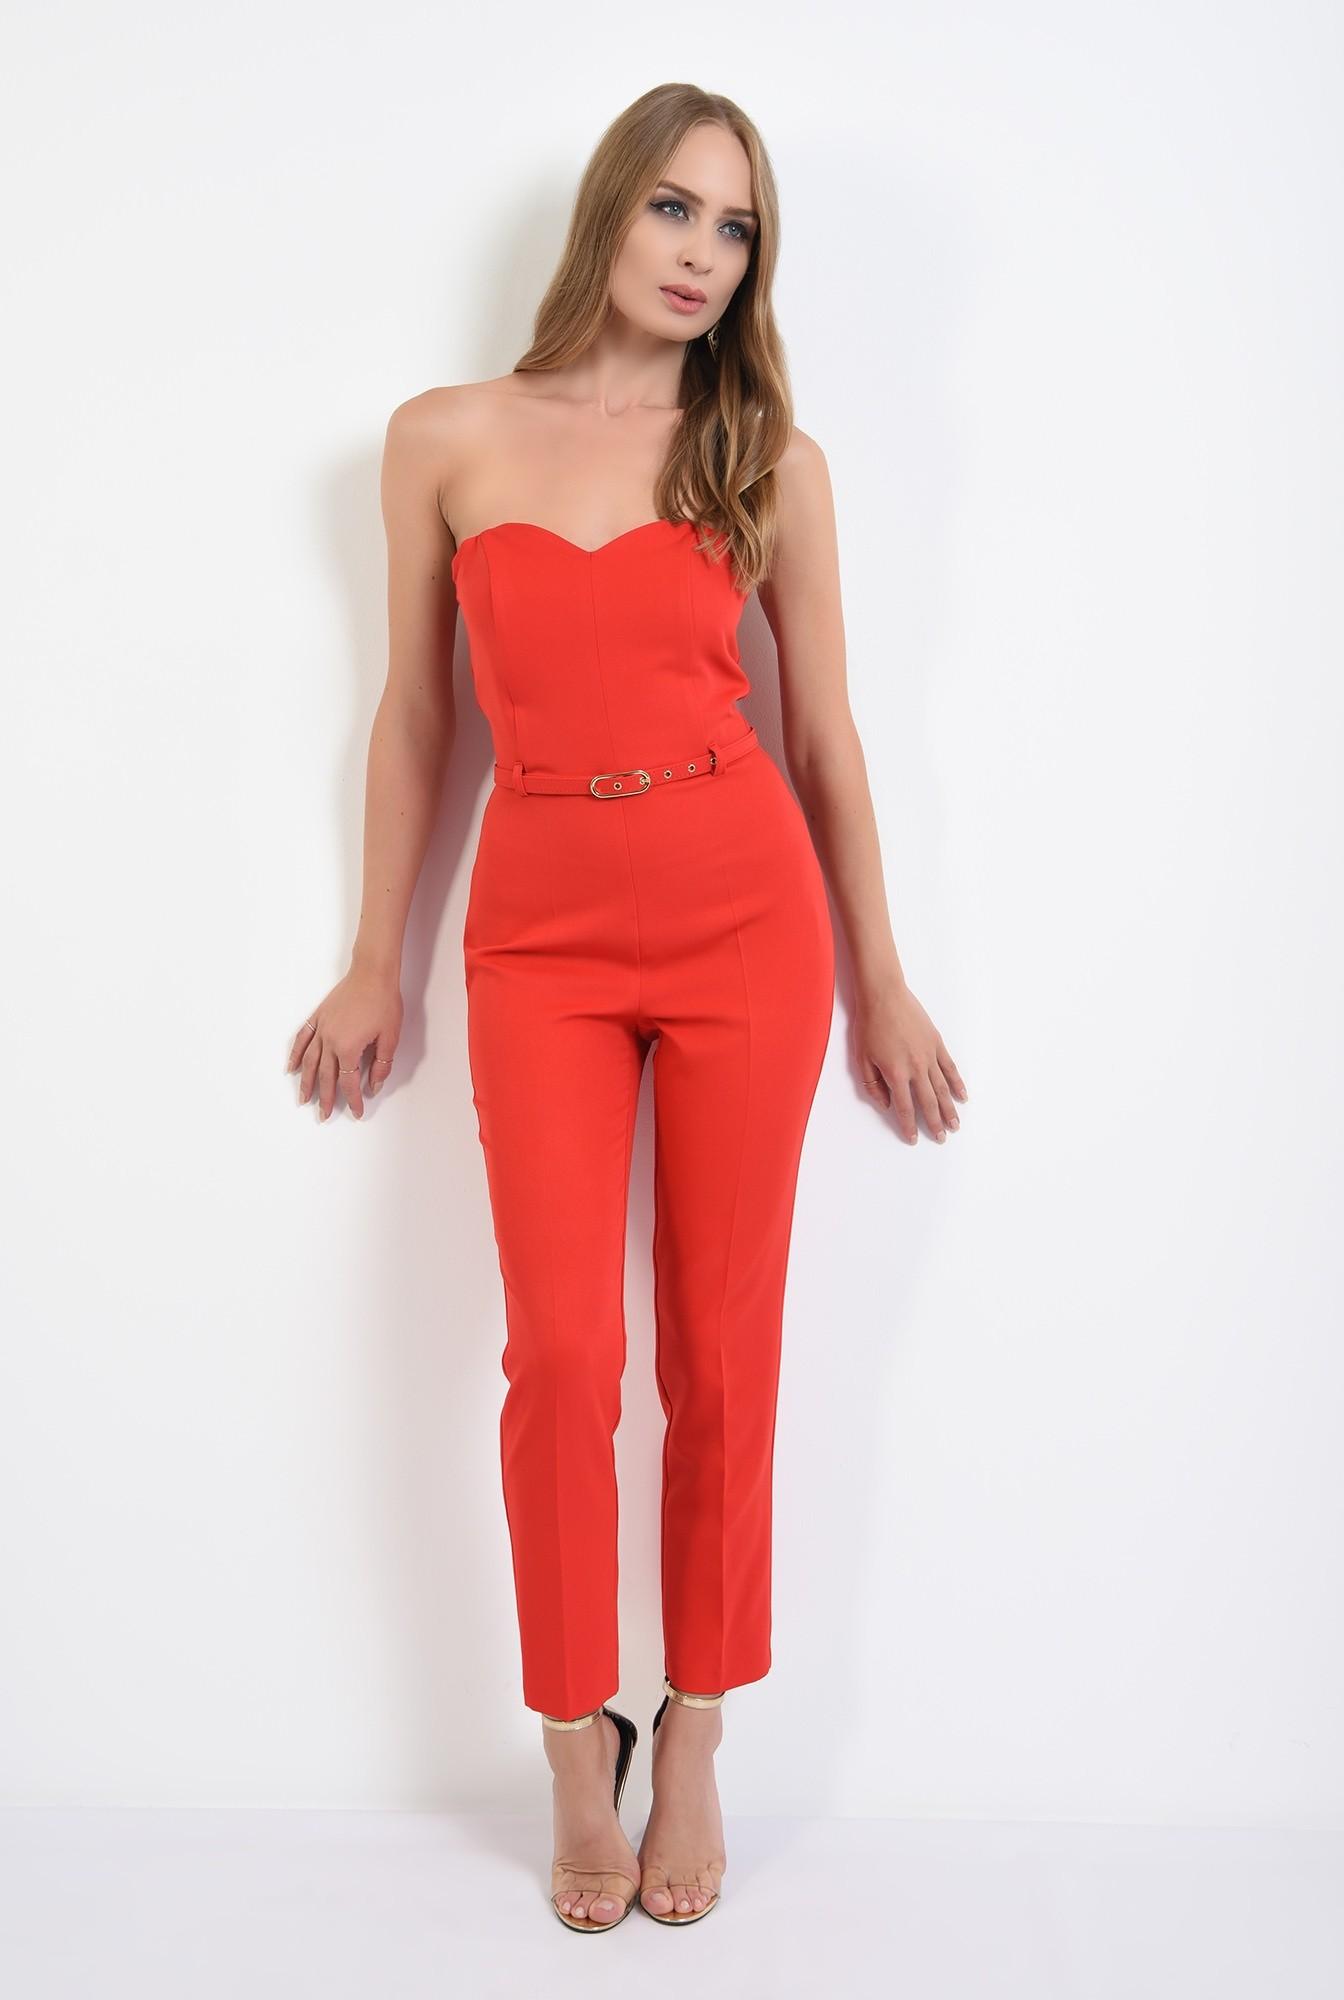 3 -  salopeta lunga, eleganta, rosie, cu corset, curea